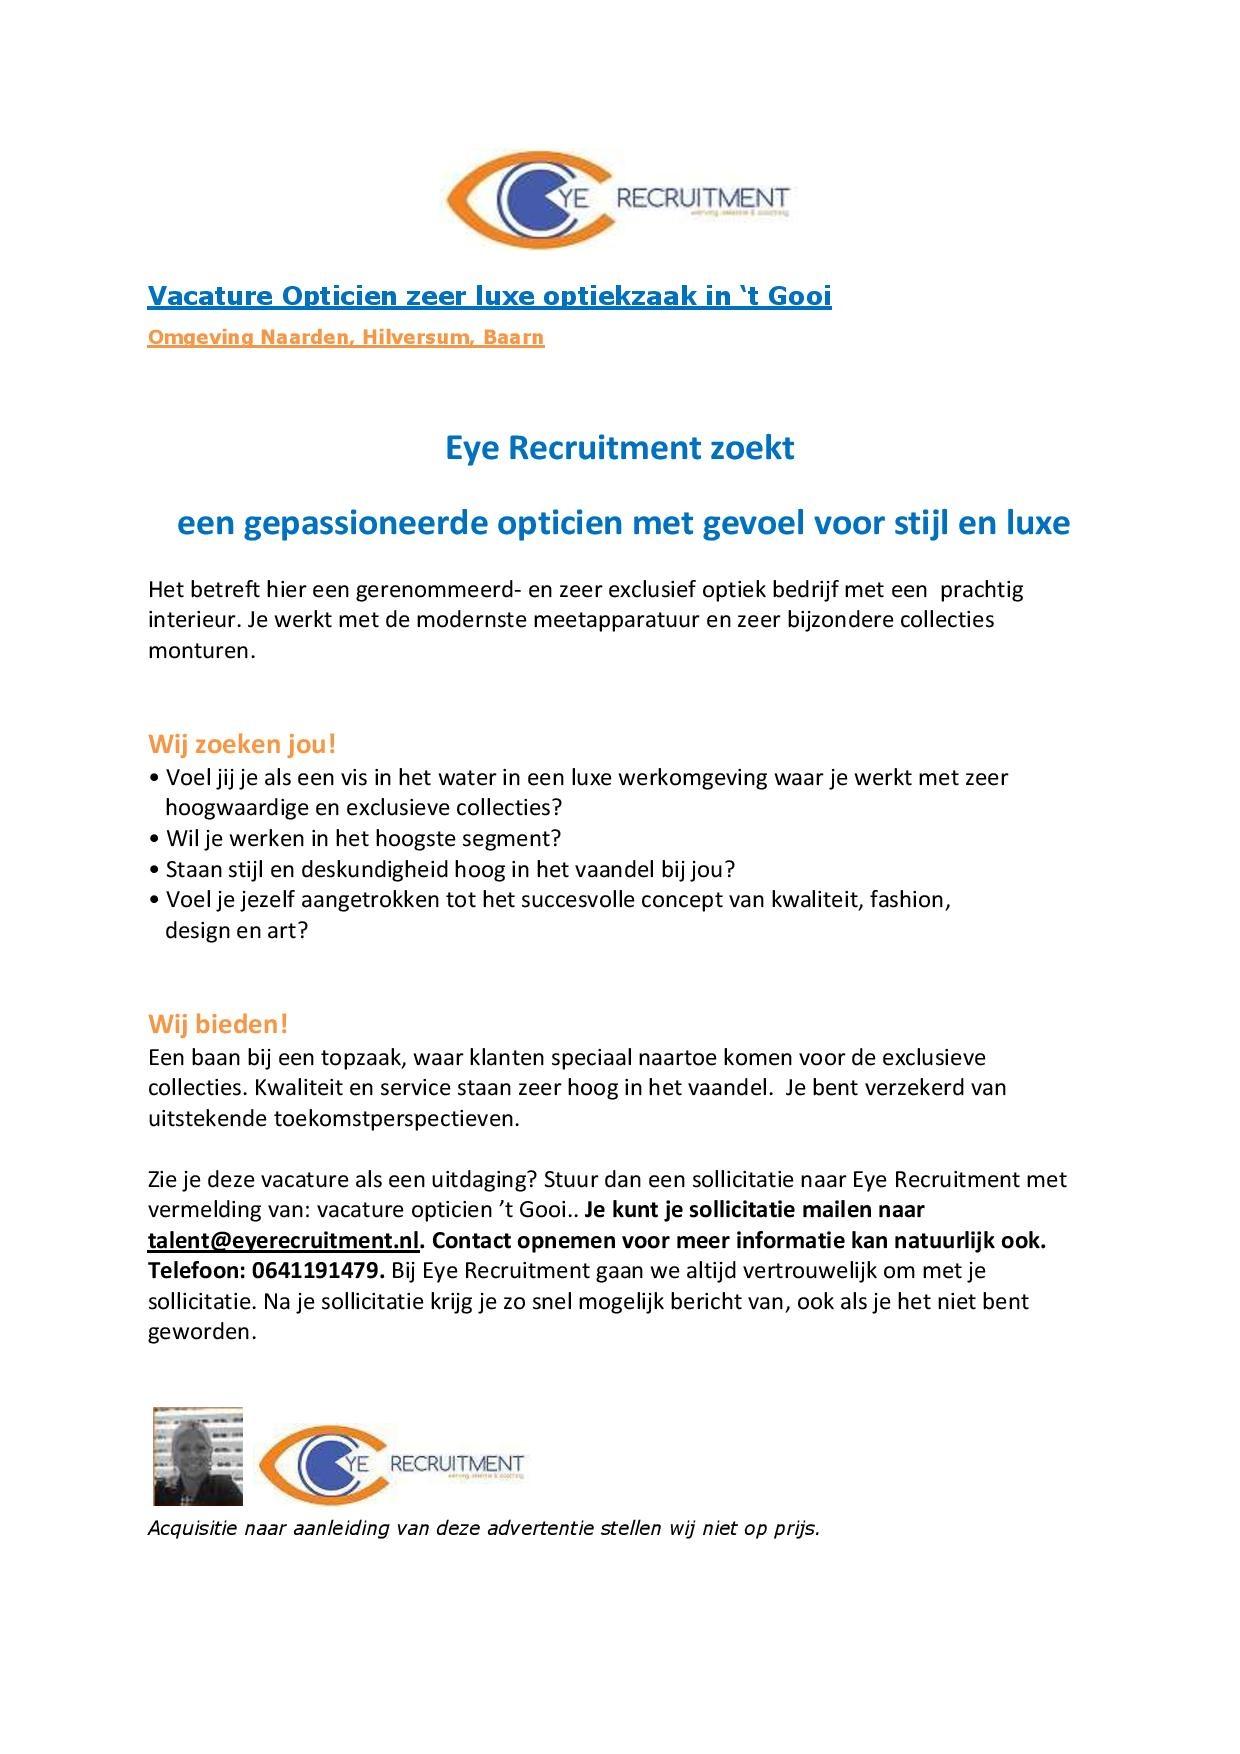 http://www.eyerecruitment.nl/wp-content/uploads/2013/09/vacature-Iris-Brillen-Baarn-page-001.jpg